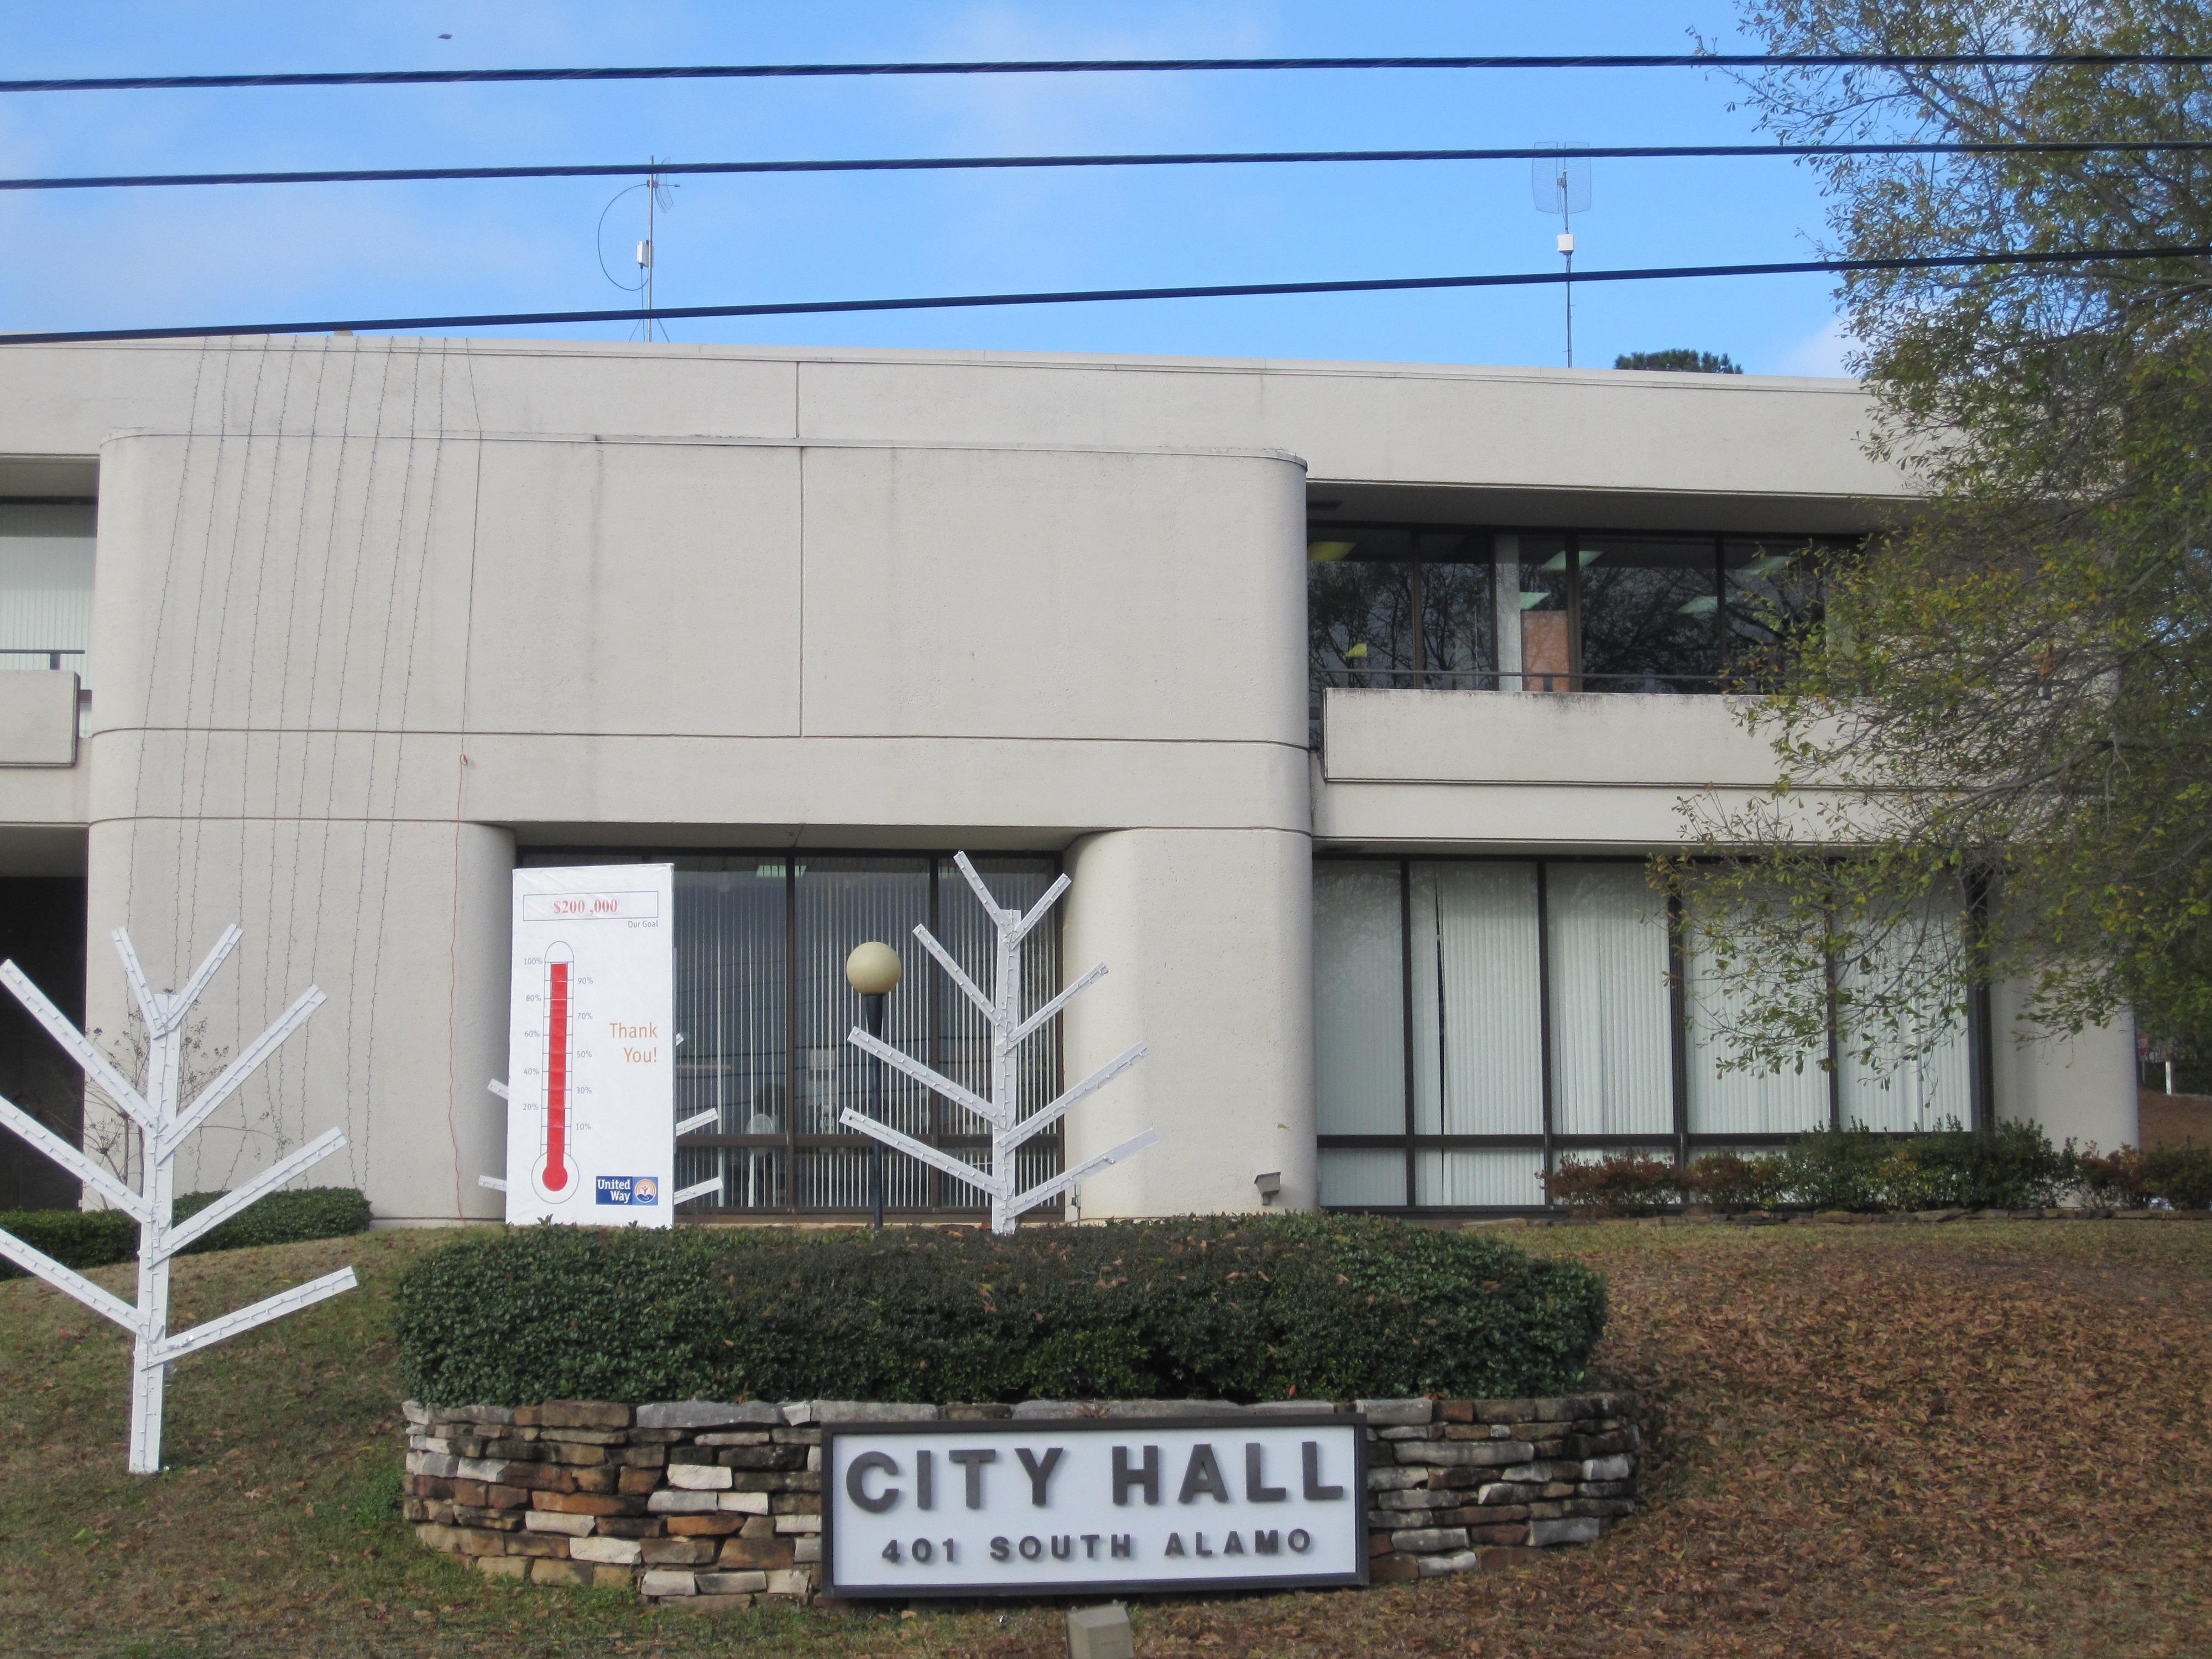 City Hall Waskom Tx